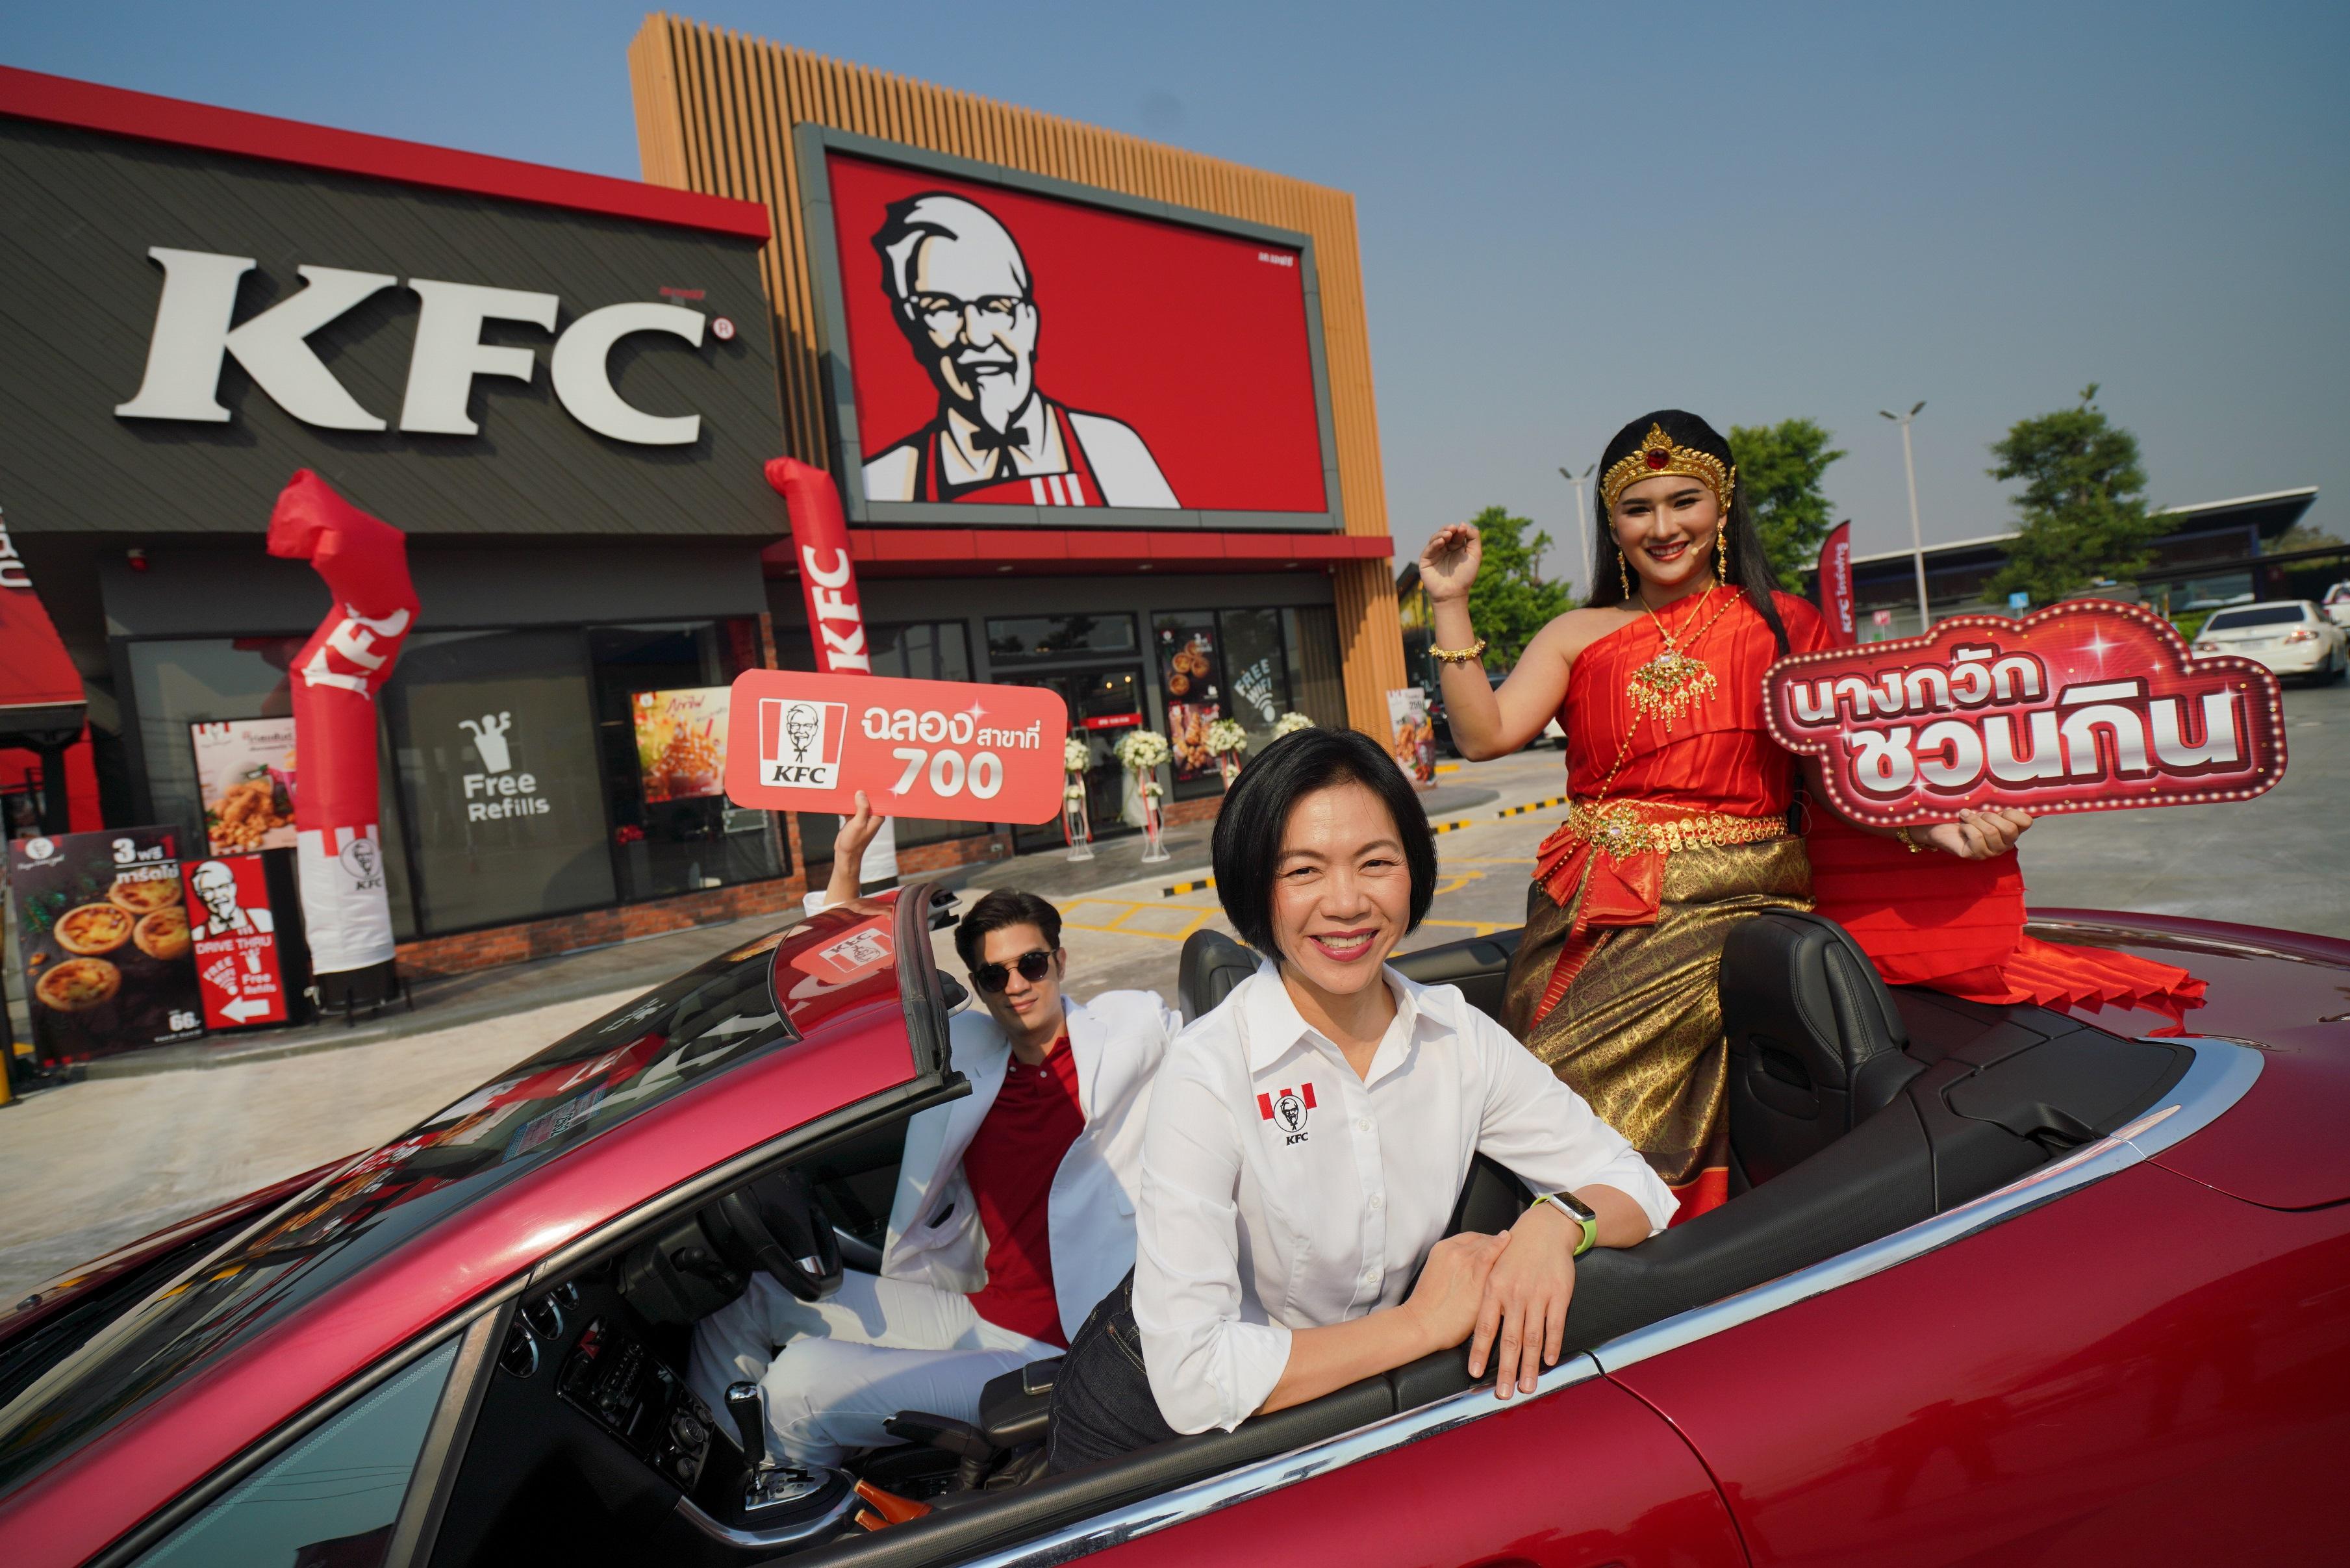 KFC ฉลองส่งท้ายปีจอ เปิดร้านลำดับที่ 700 พร้อมเผยเคล็ดลับหลังครัว